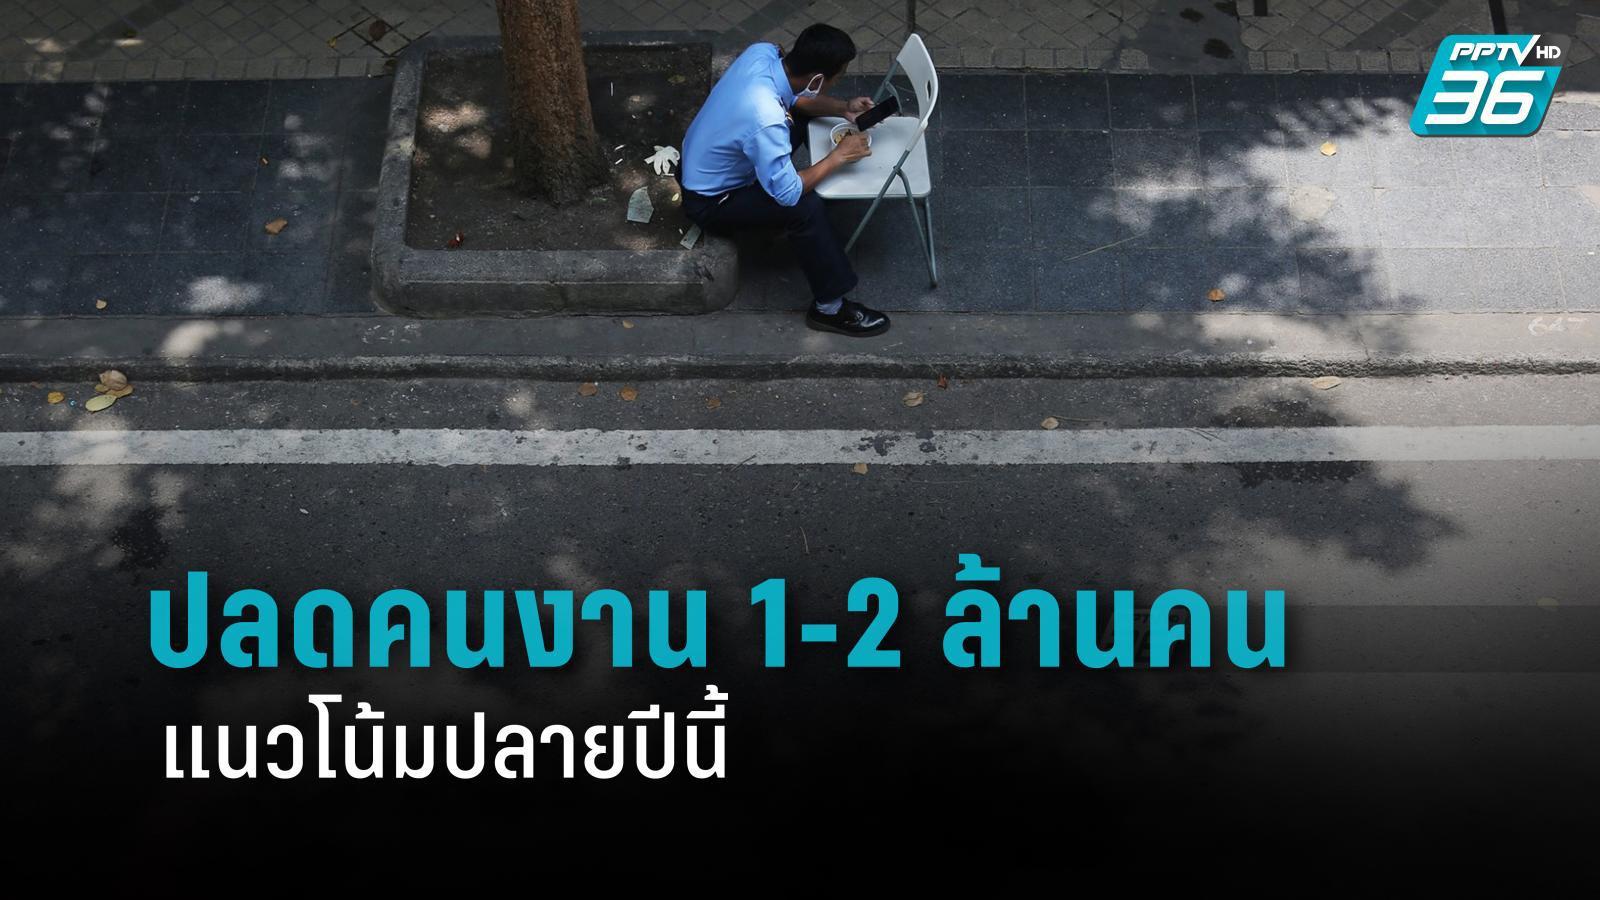 หอการค้าไทย คาด ปลายปีนี้ ผู้ประกอบการปลดคนงานเพิ่มอีก 1- 2 ล้านคน